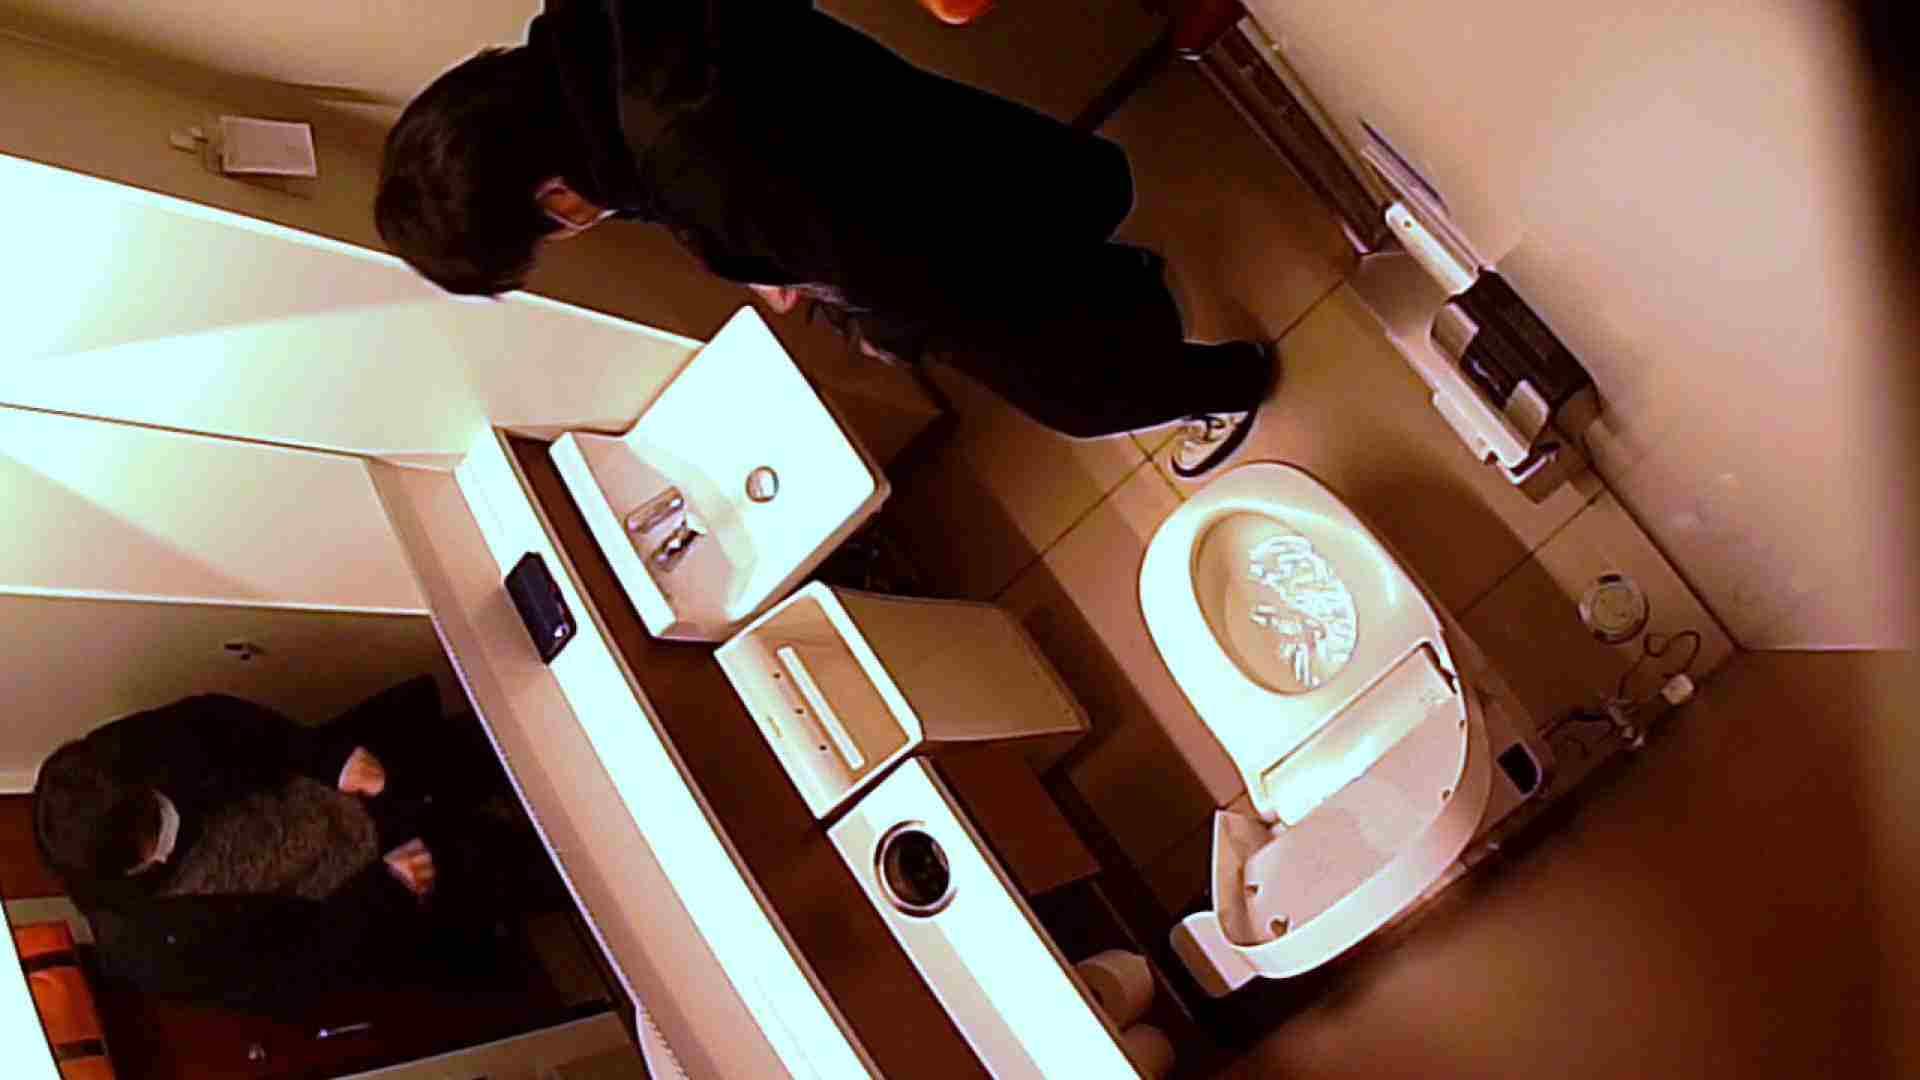 イケメンの素顔in洗面所 Vol.03 丸見え動画 | ボーイズうんこ  107pic 22